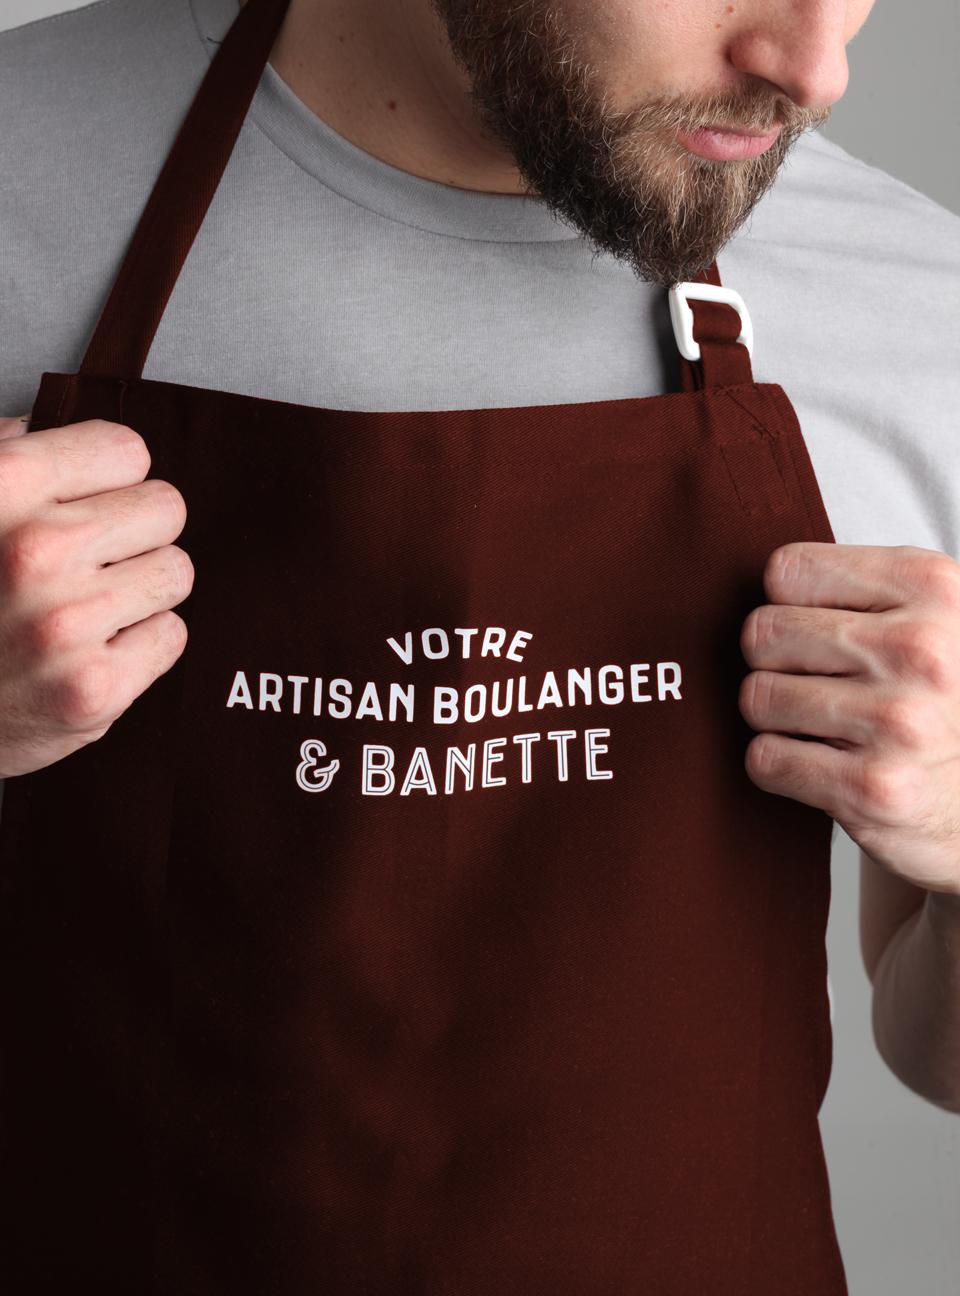 Jeu typographique Banette - 3